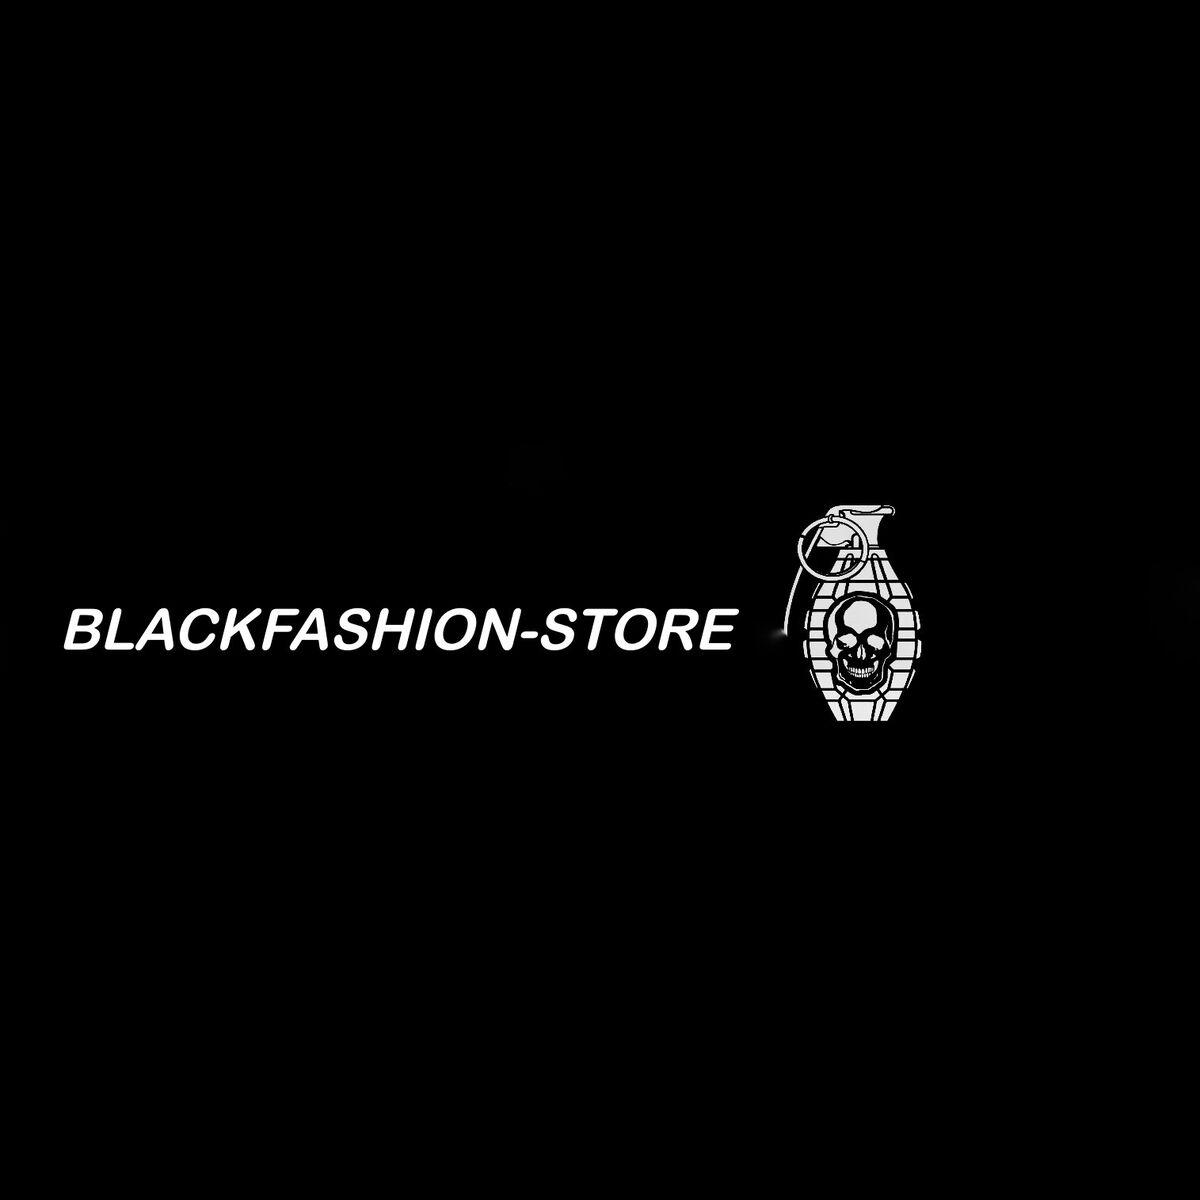 blackfashion-store